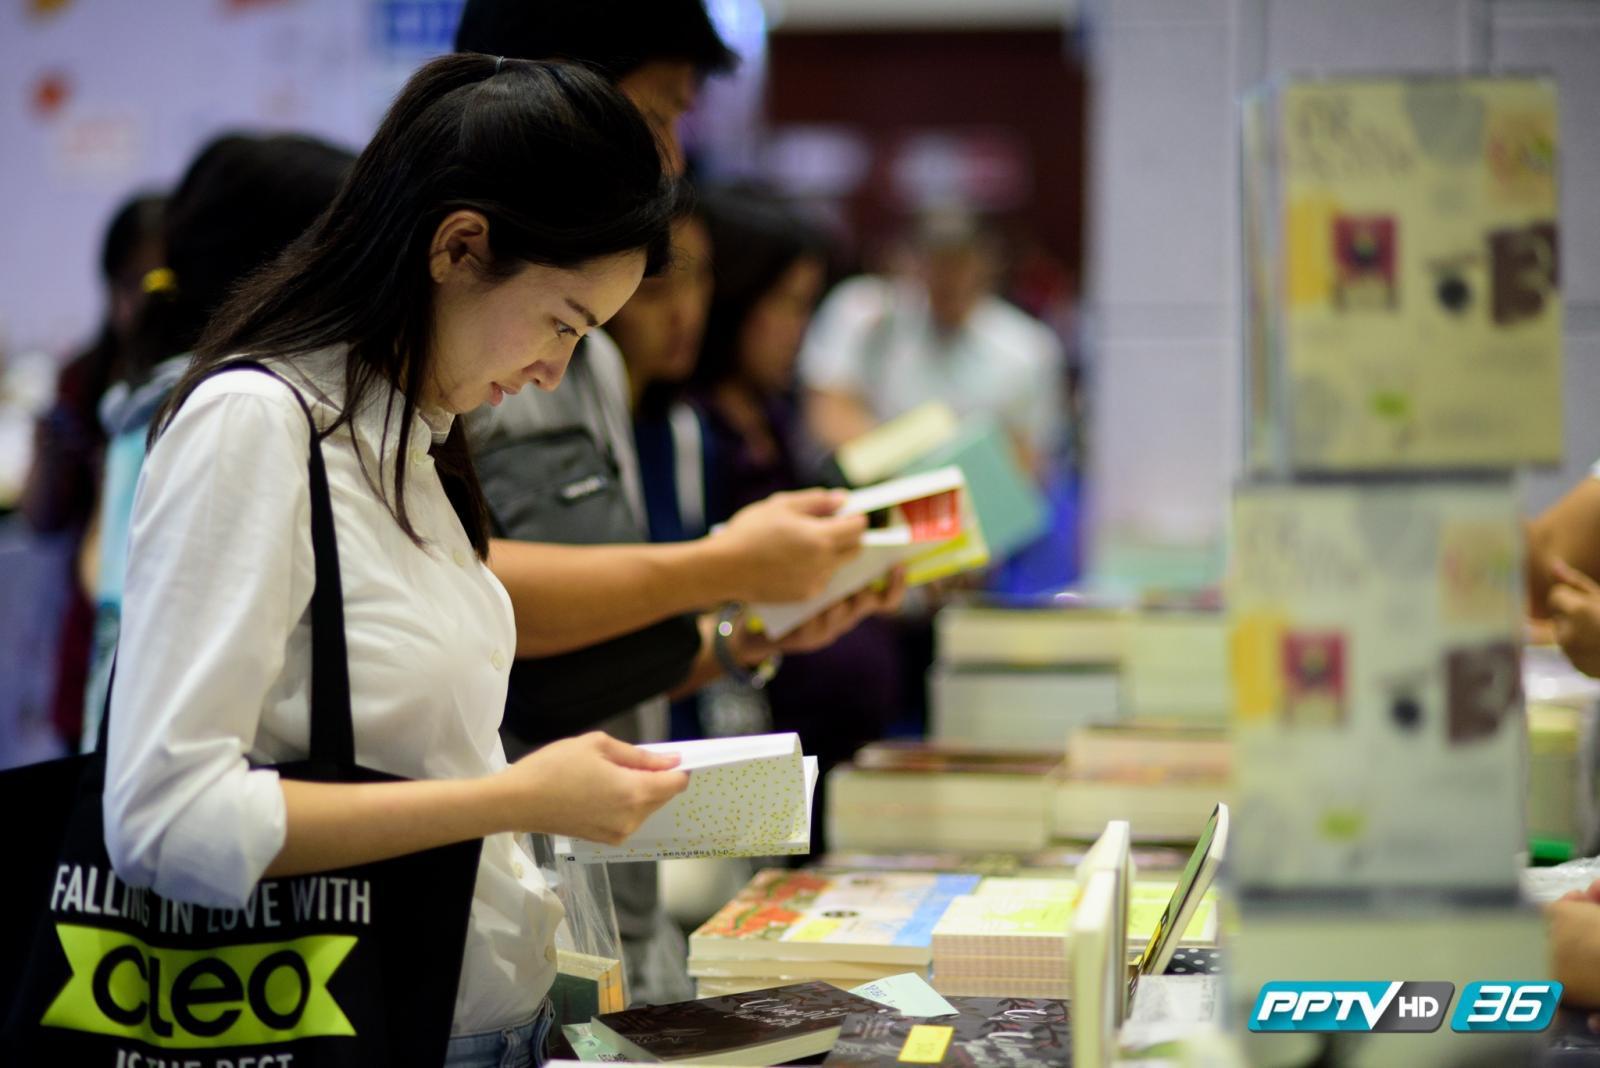 สื่ออิเล็กทรอนิกส์มาแรง! เปิดผลสำรวจปี'61 คนไทยอ่านเพิ่มขึ้น 80 นาที/วัน